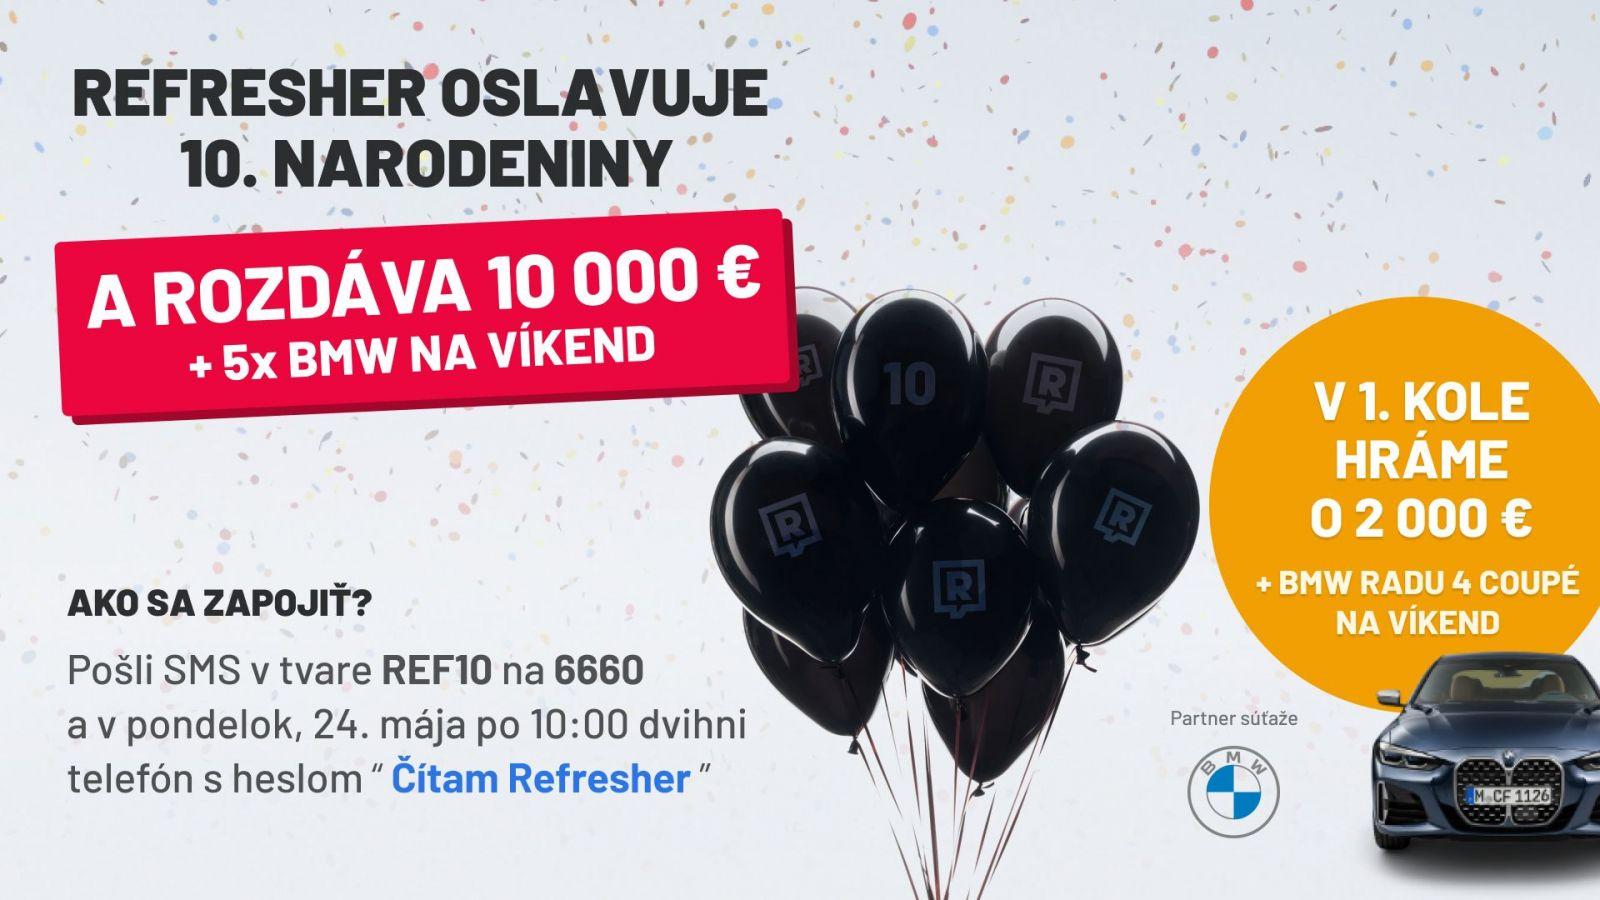 Osláv s nami 10. narodeniny a vyhraj 2000 eur a BMW radu 4 Coupé na víkend